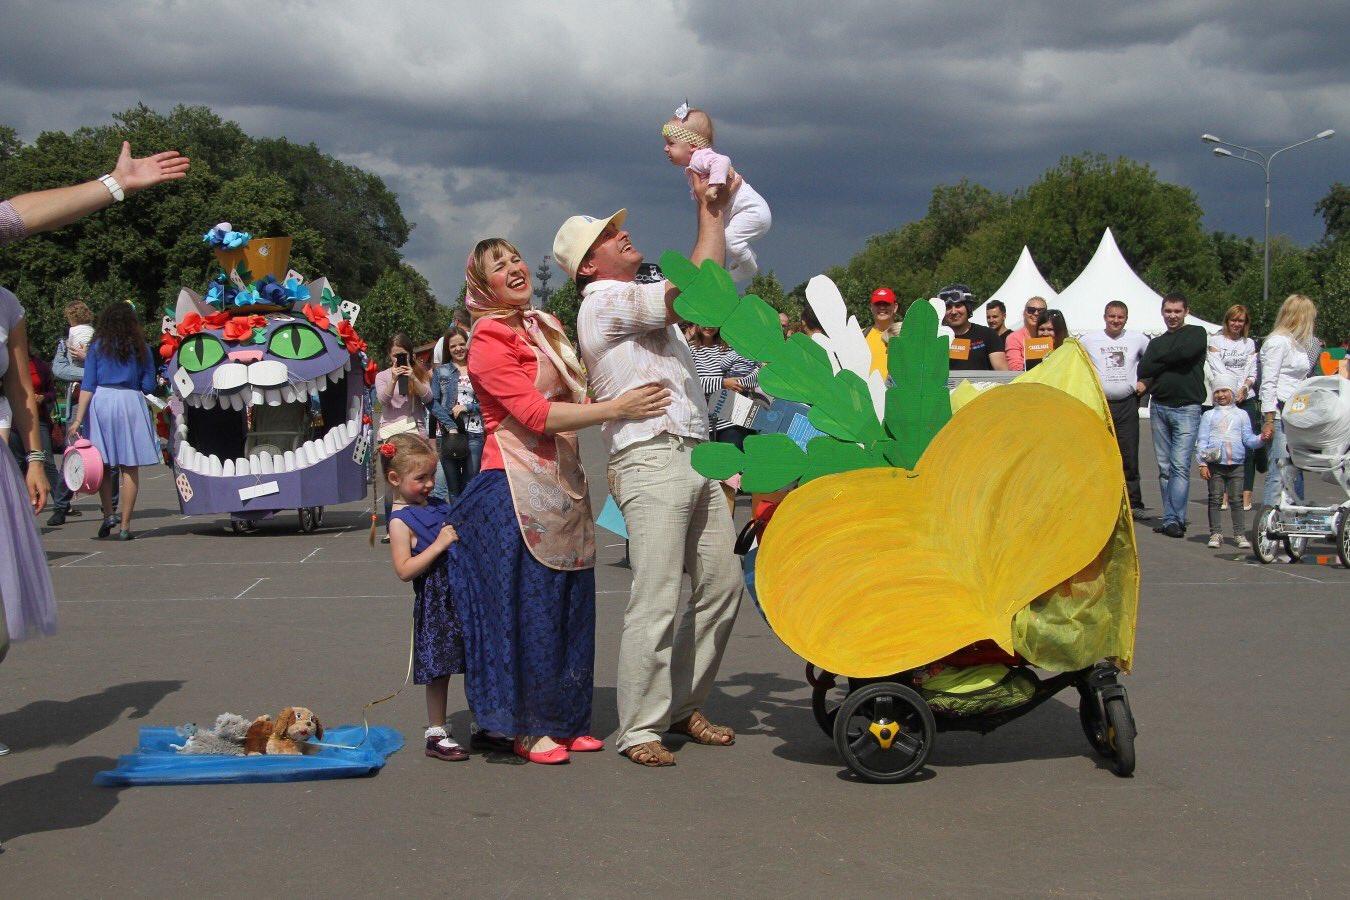 расширение вен конкурс колясок в ульяновске фото обязательном порядке